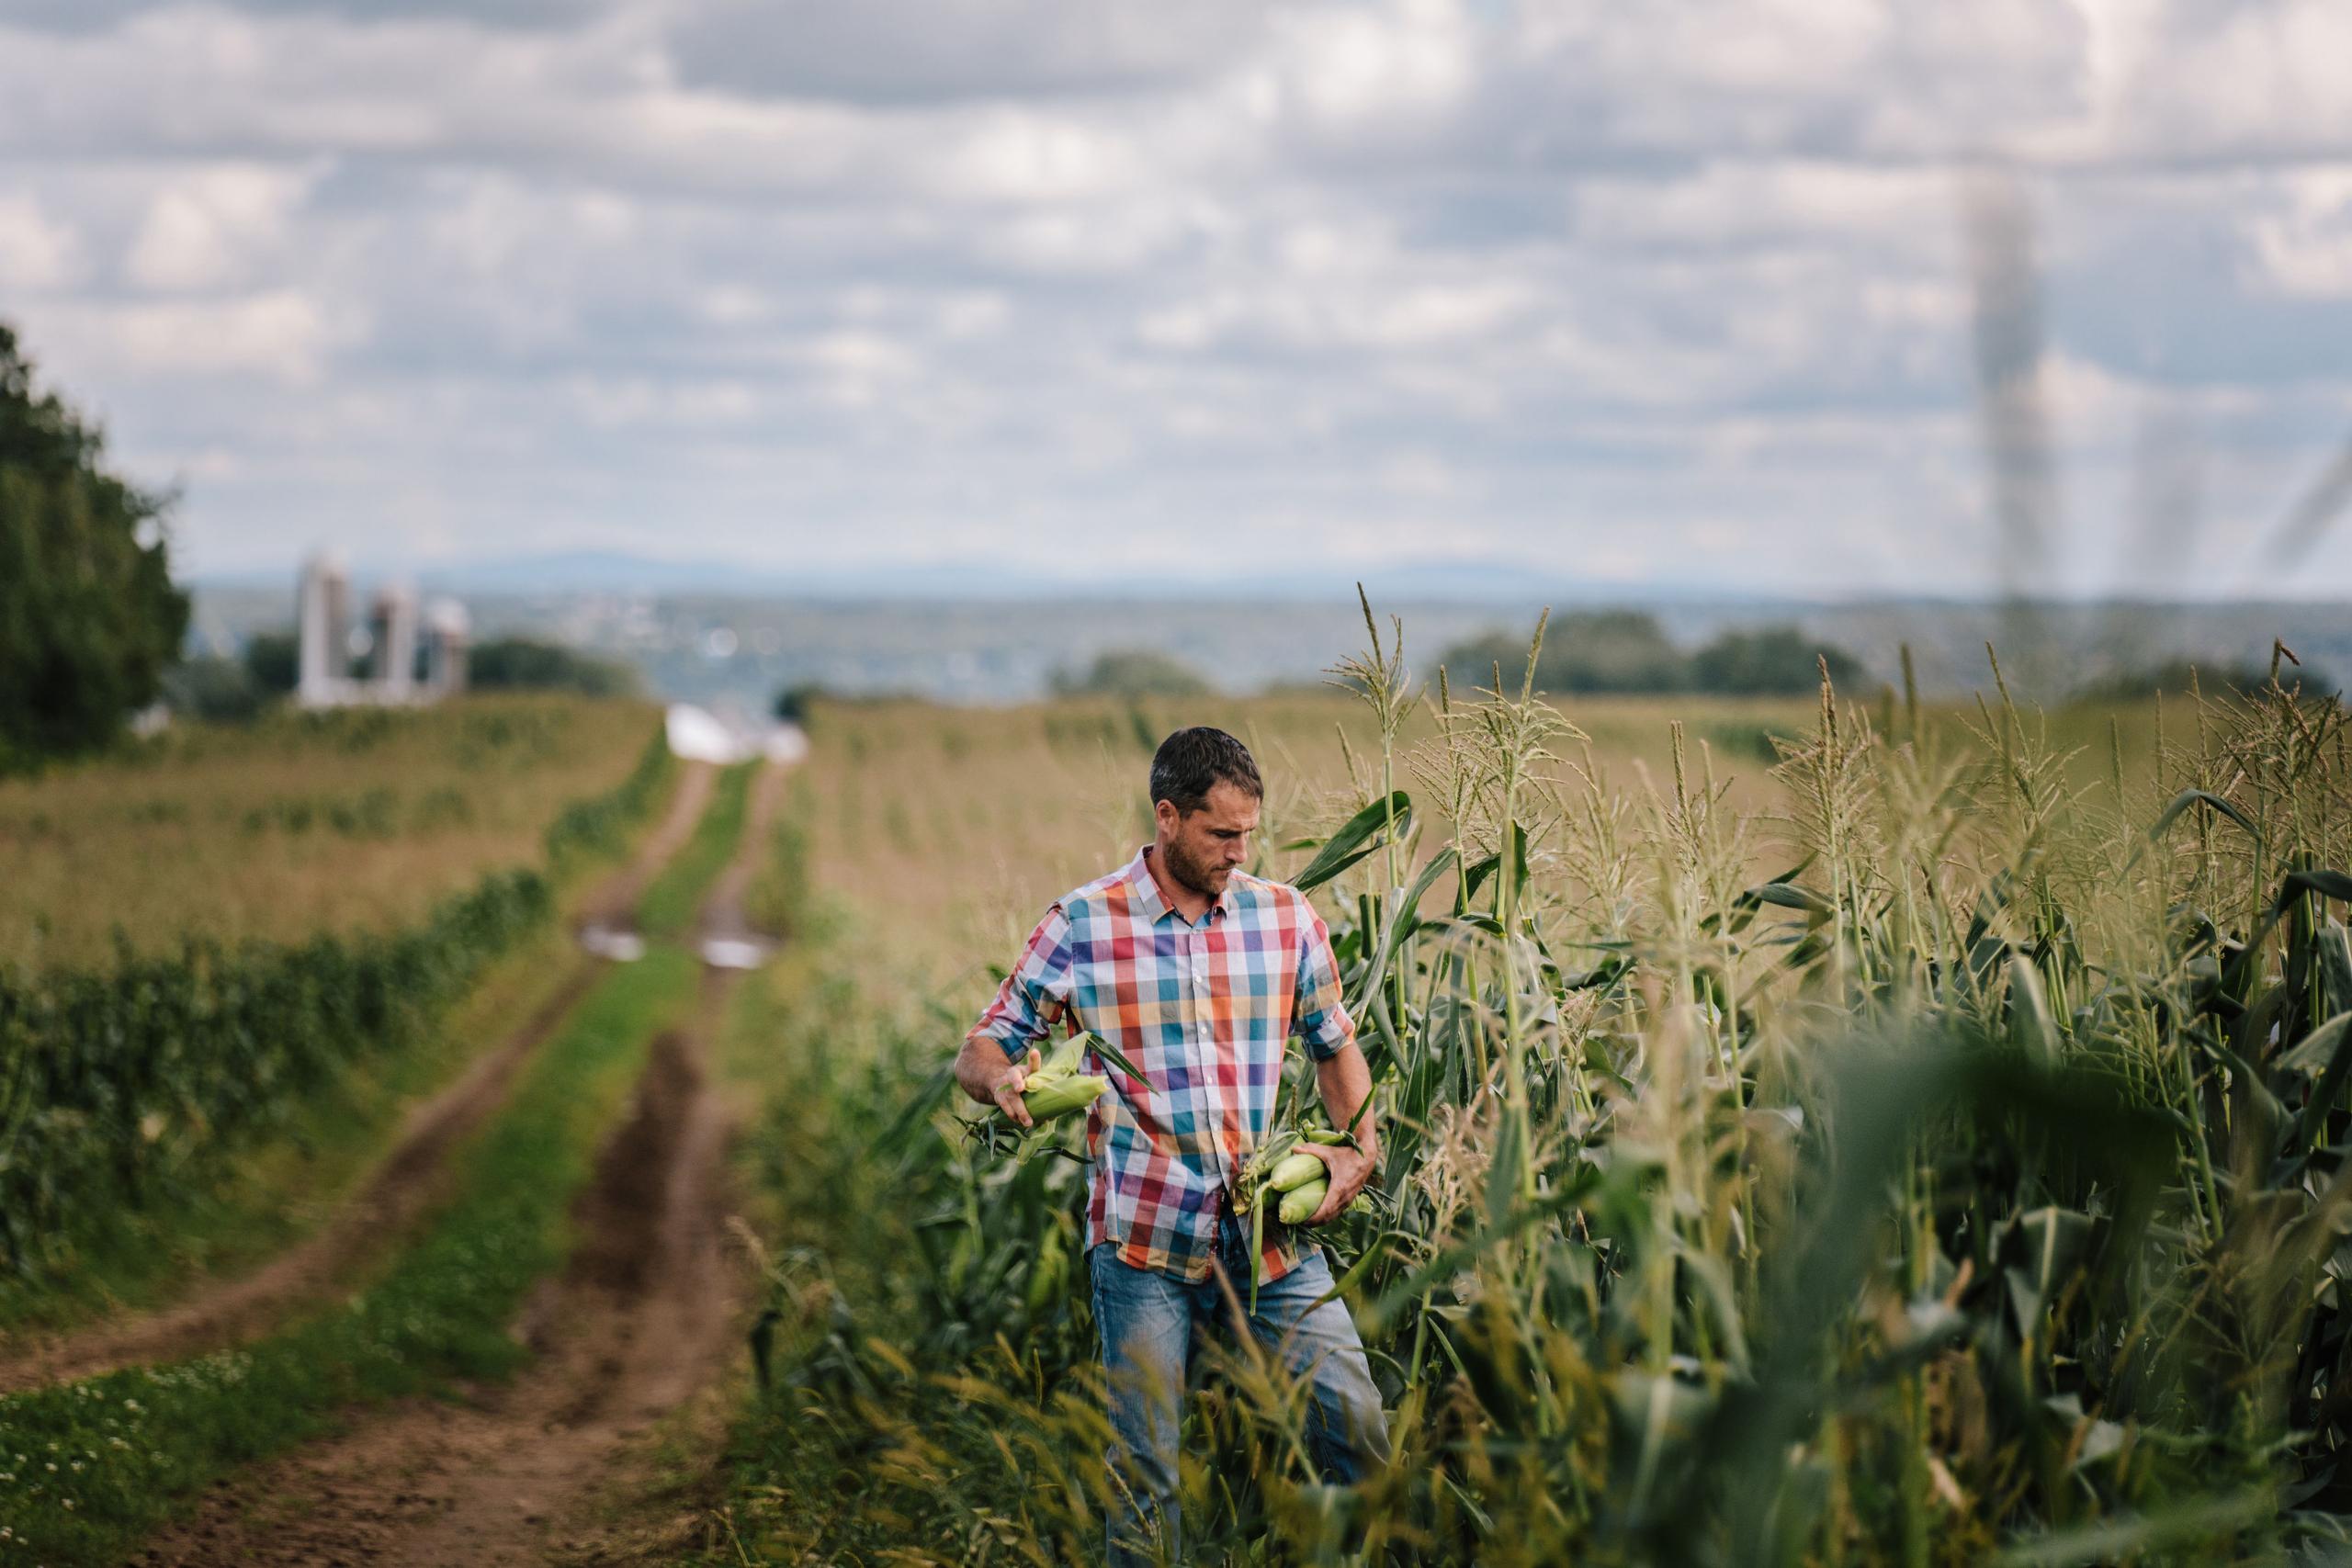 bio exposeimage crop